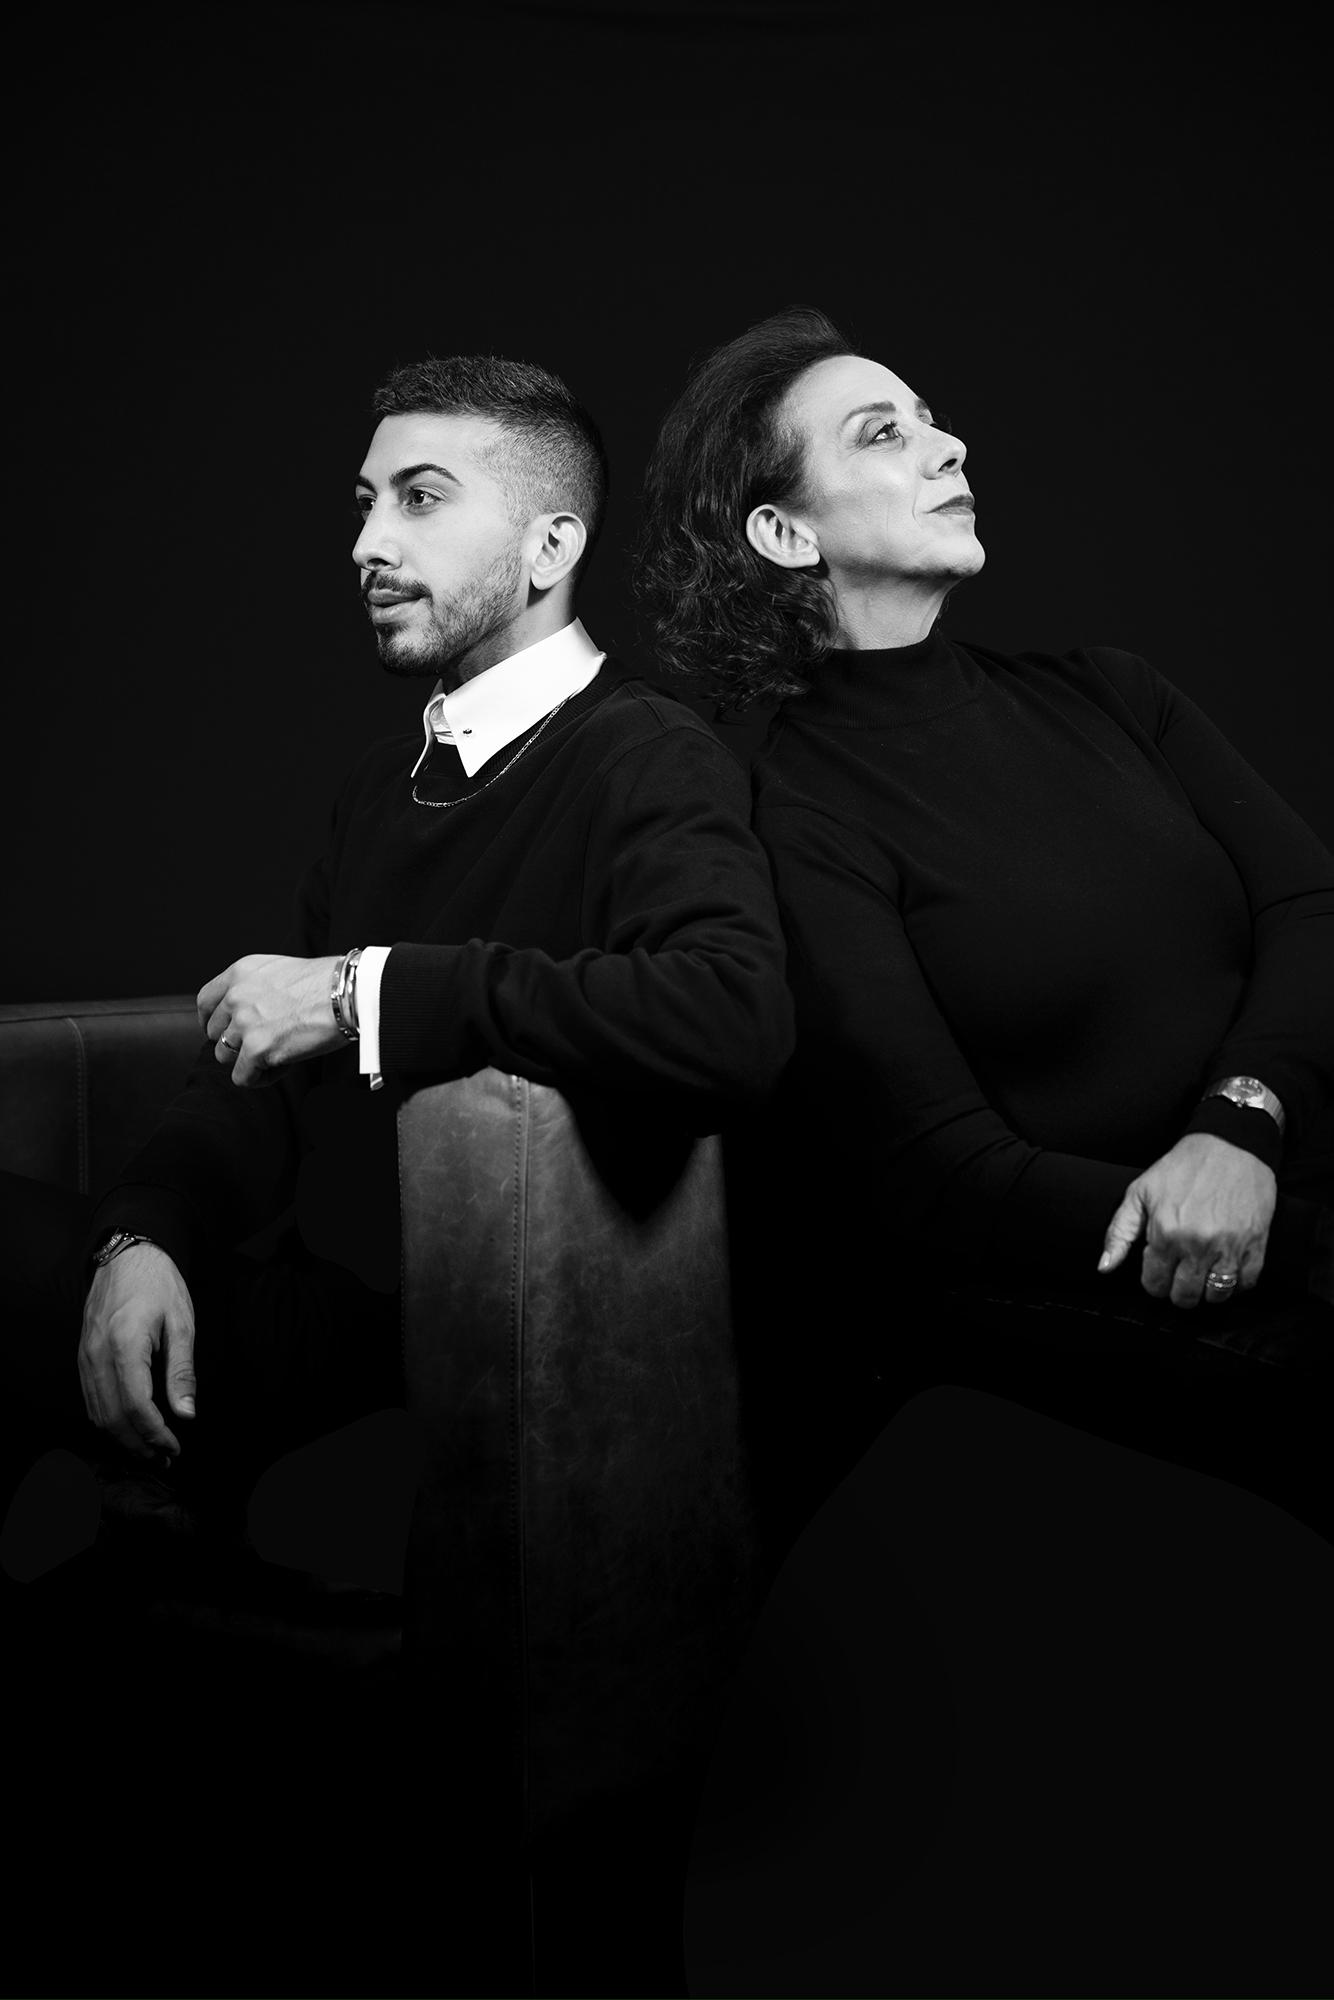 Black and White Portrait Shoot, Shea Winter Roggio